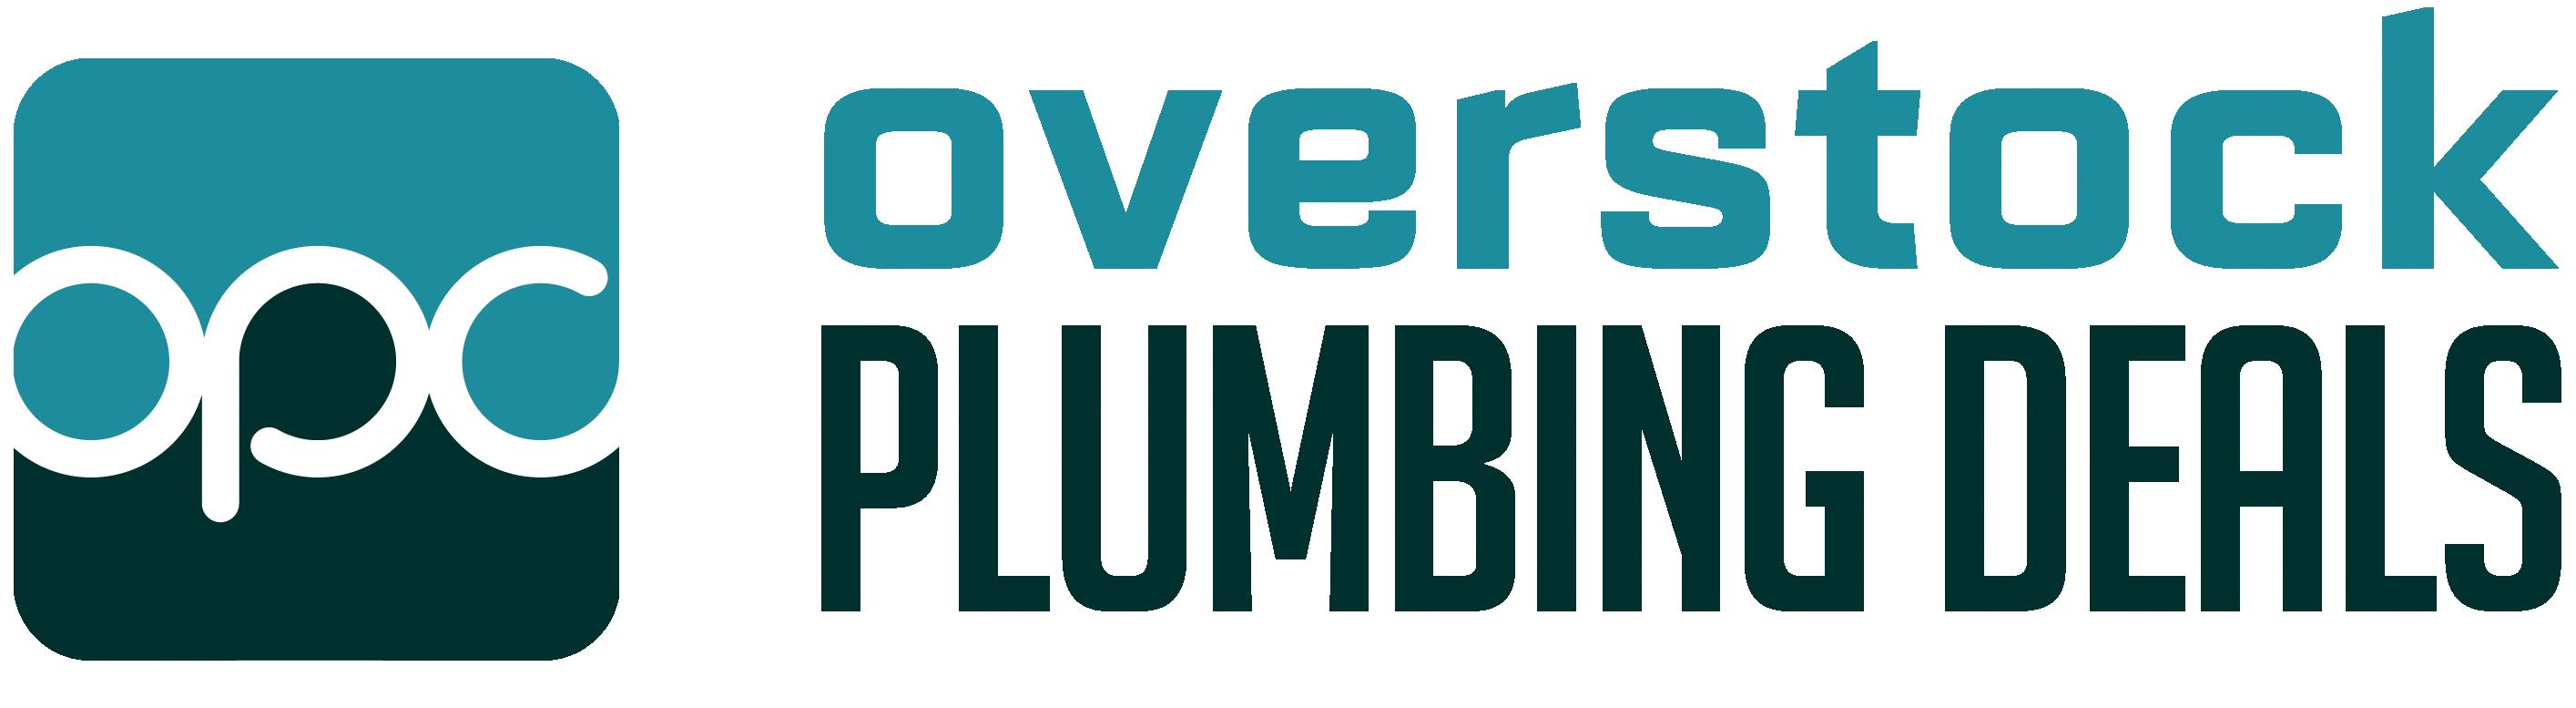 Overstock Plumbing Deals